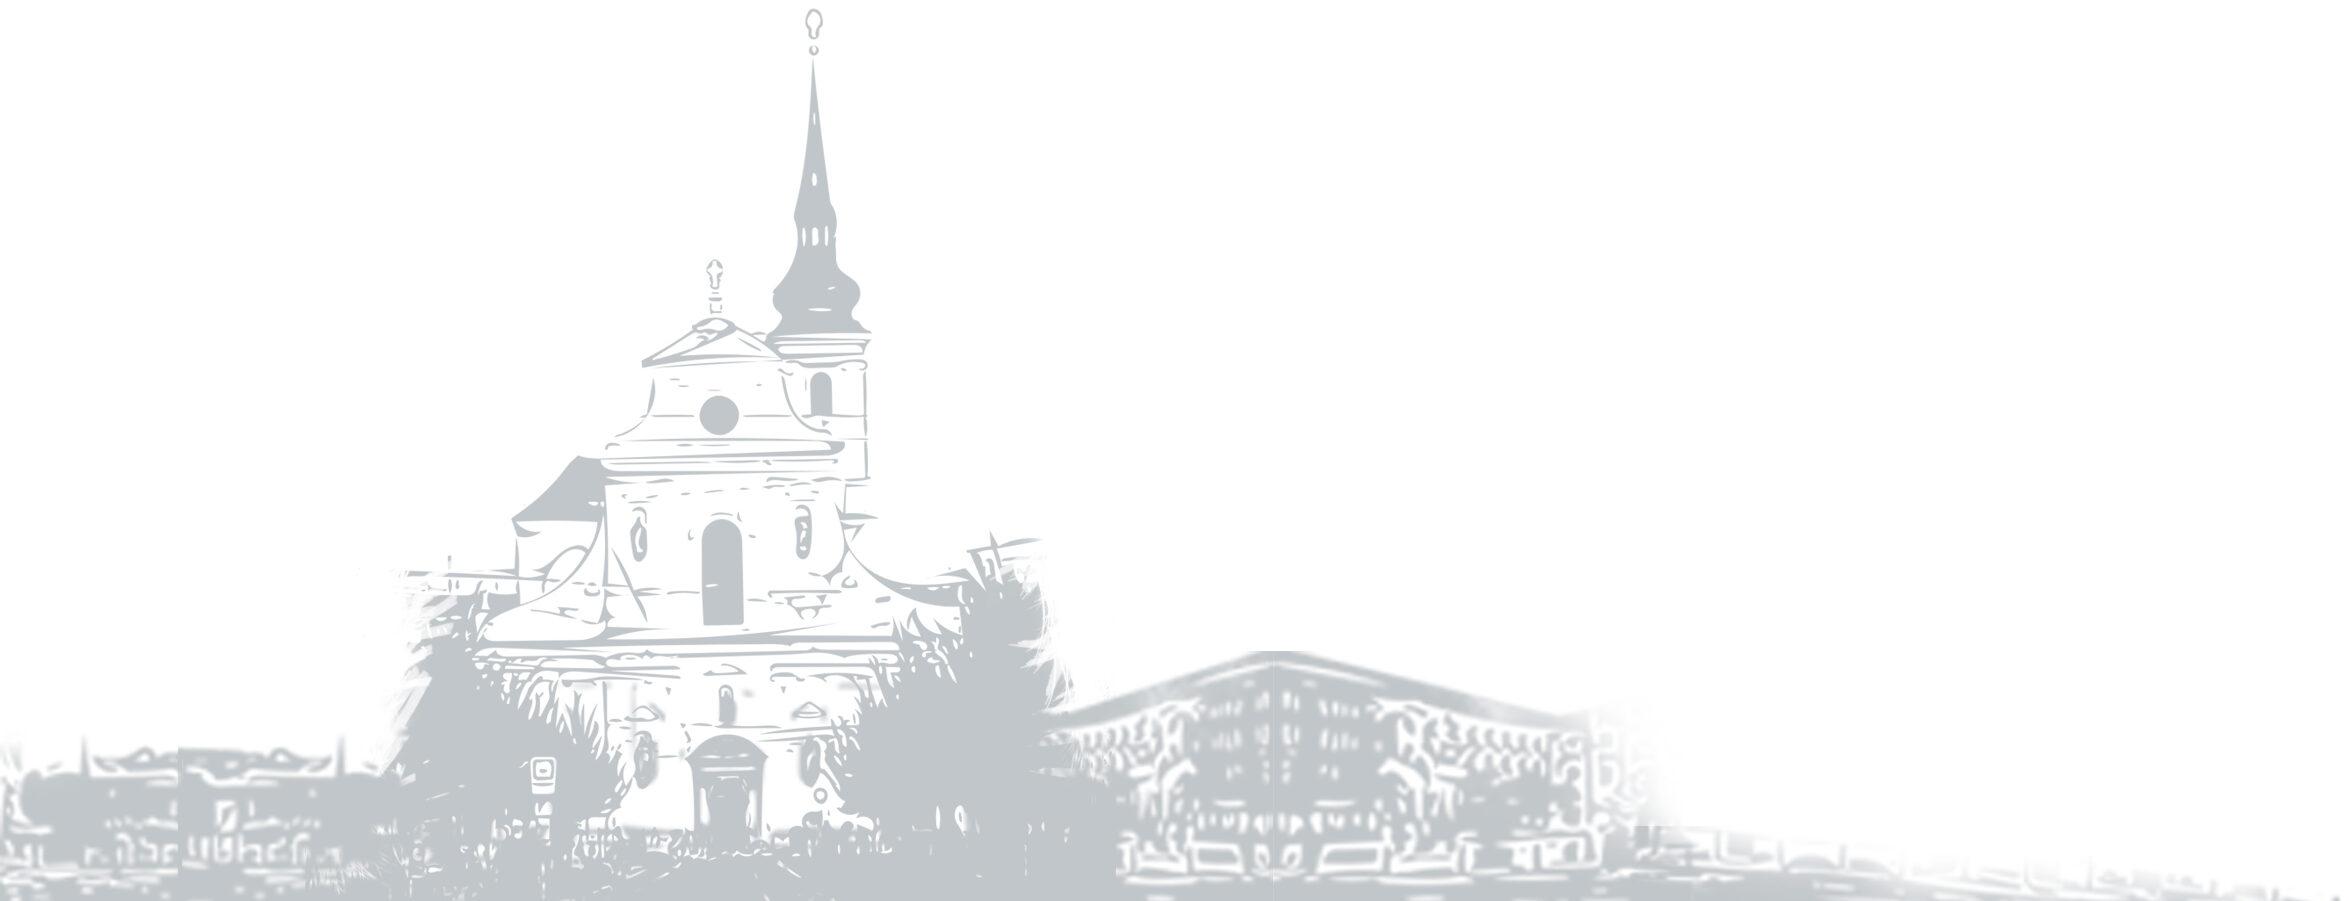 Římskokatolická farnost u kostela sv. Tomáše v Brně